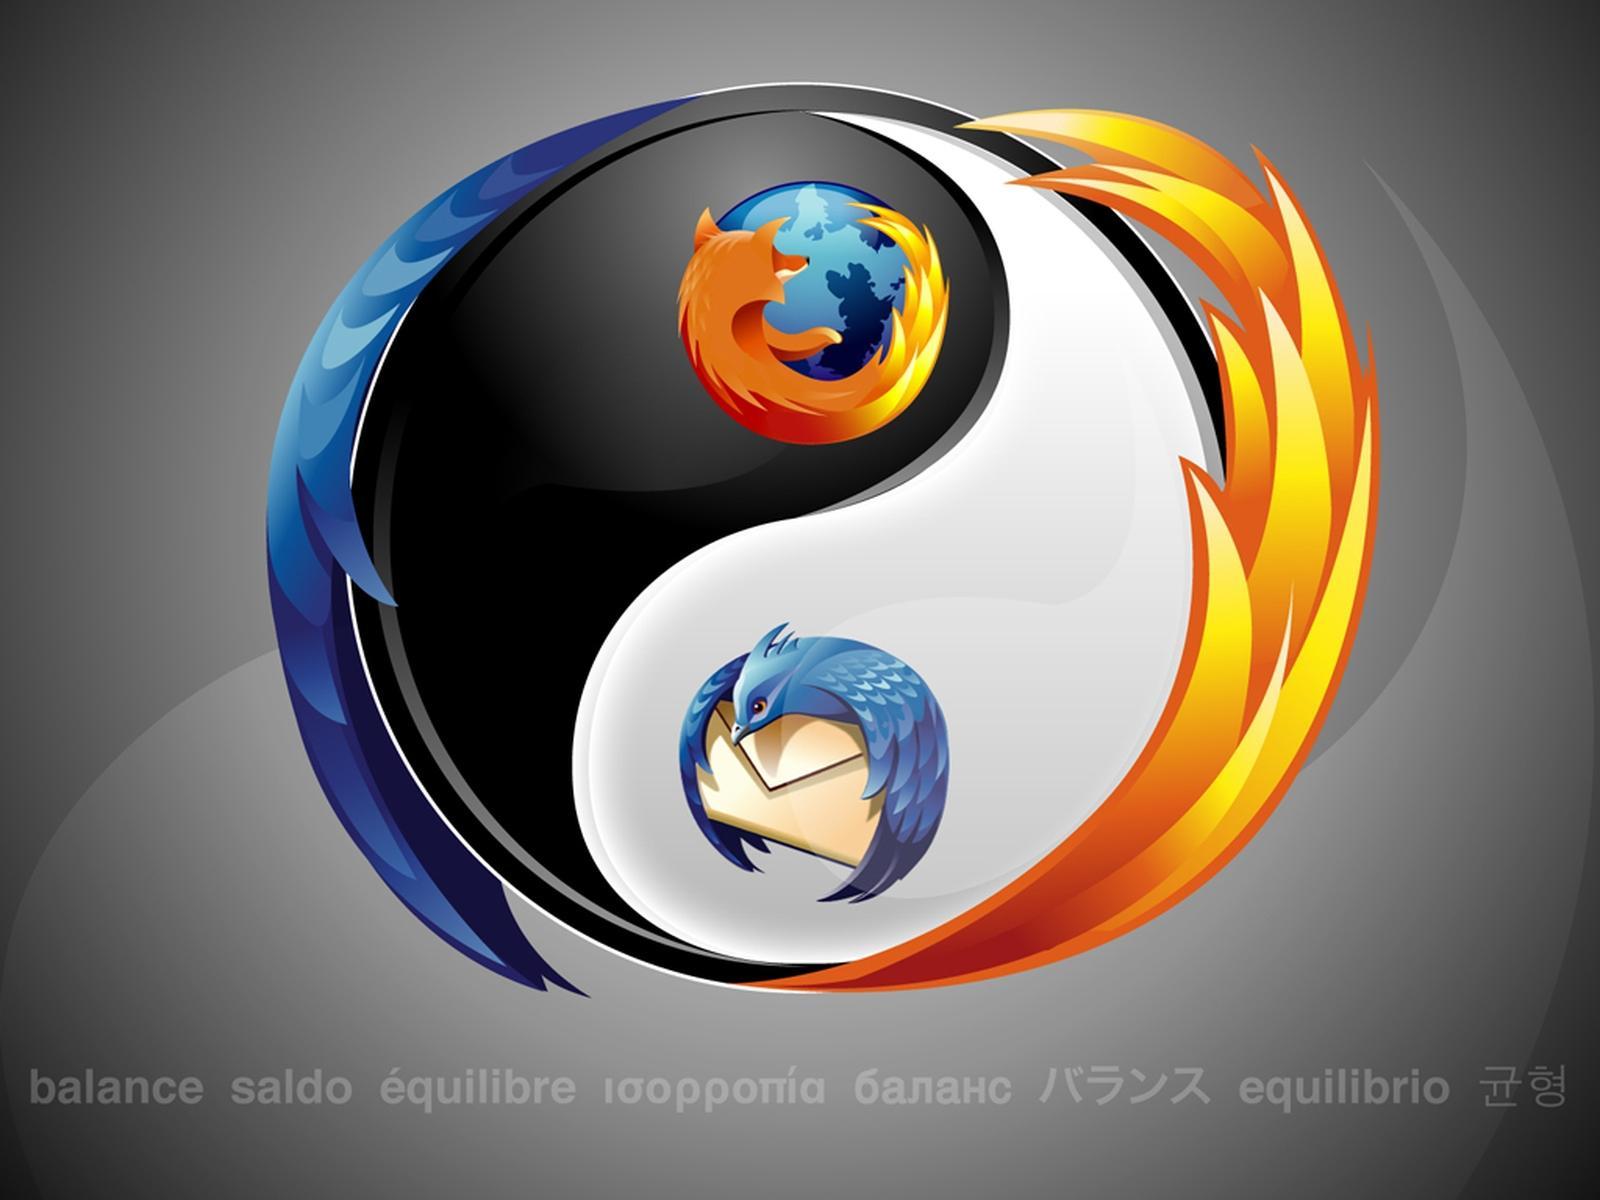 http://3.bp.blogspot.com/-30FOTCES9M4/T2hxR5GUtVI/AAAAAAAAAXw/d2Ah0ZPf0dc/s1600/Mozilla+Firefox+wallpapers+2012.jpg